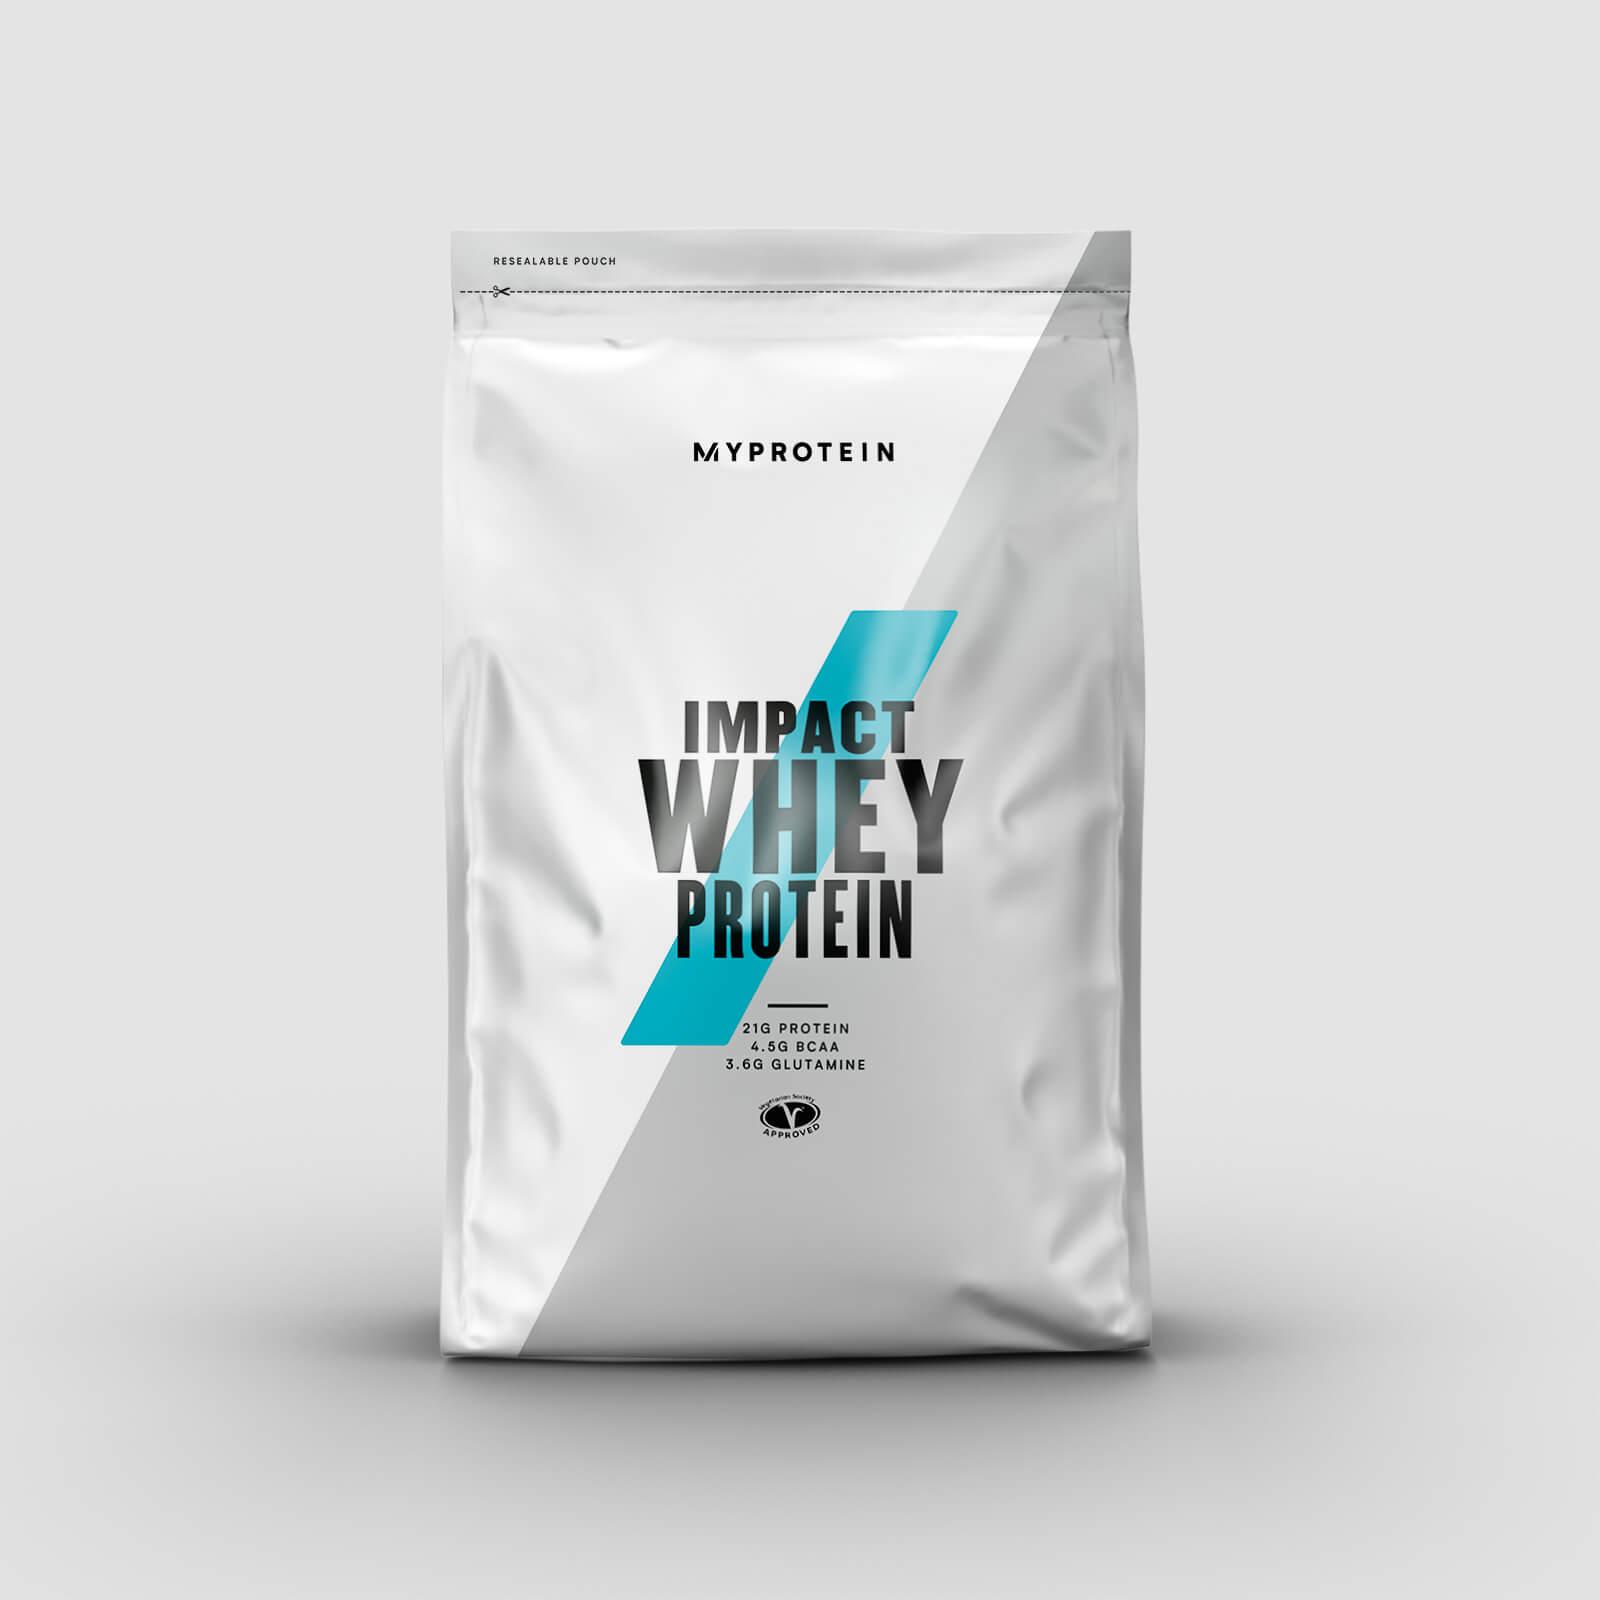 Myprotein Impact Whey Protein - 500g - Dark Chocolate